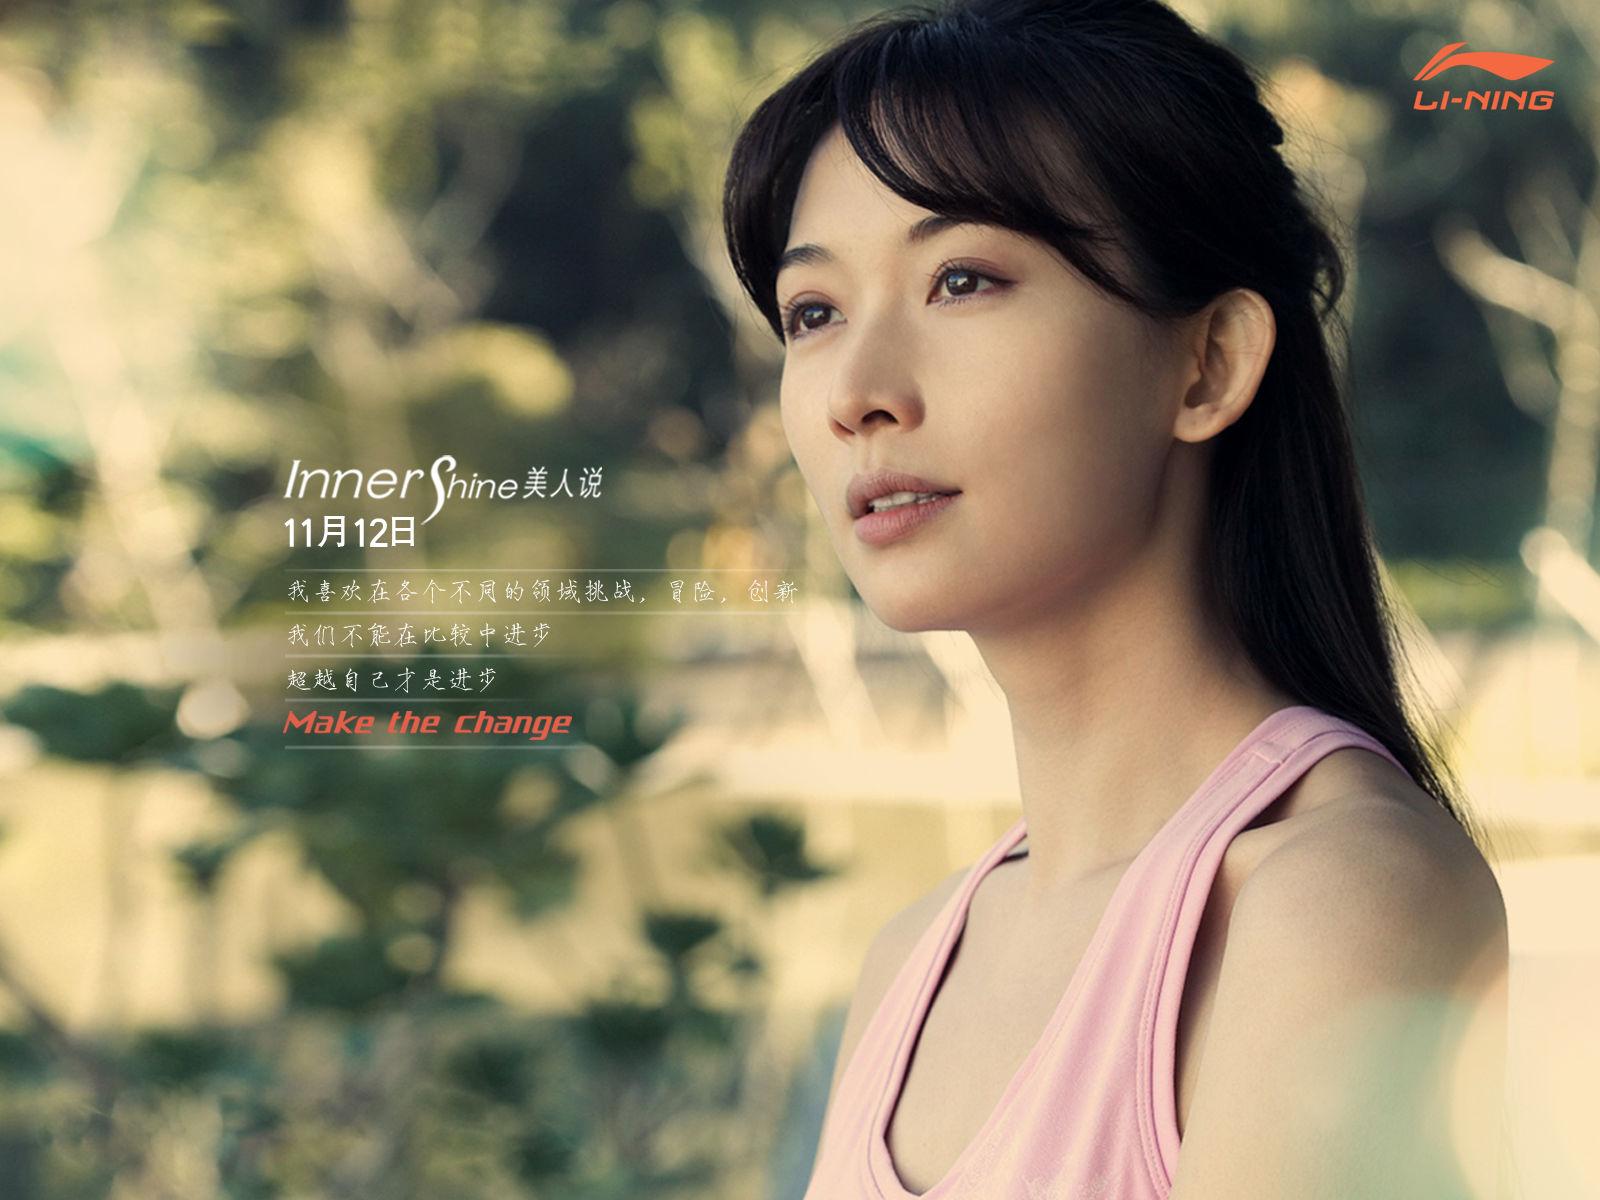 [瑜伽]林志玲视频v瑜伽最新女子广告英文名博微性感美女图片